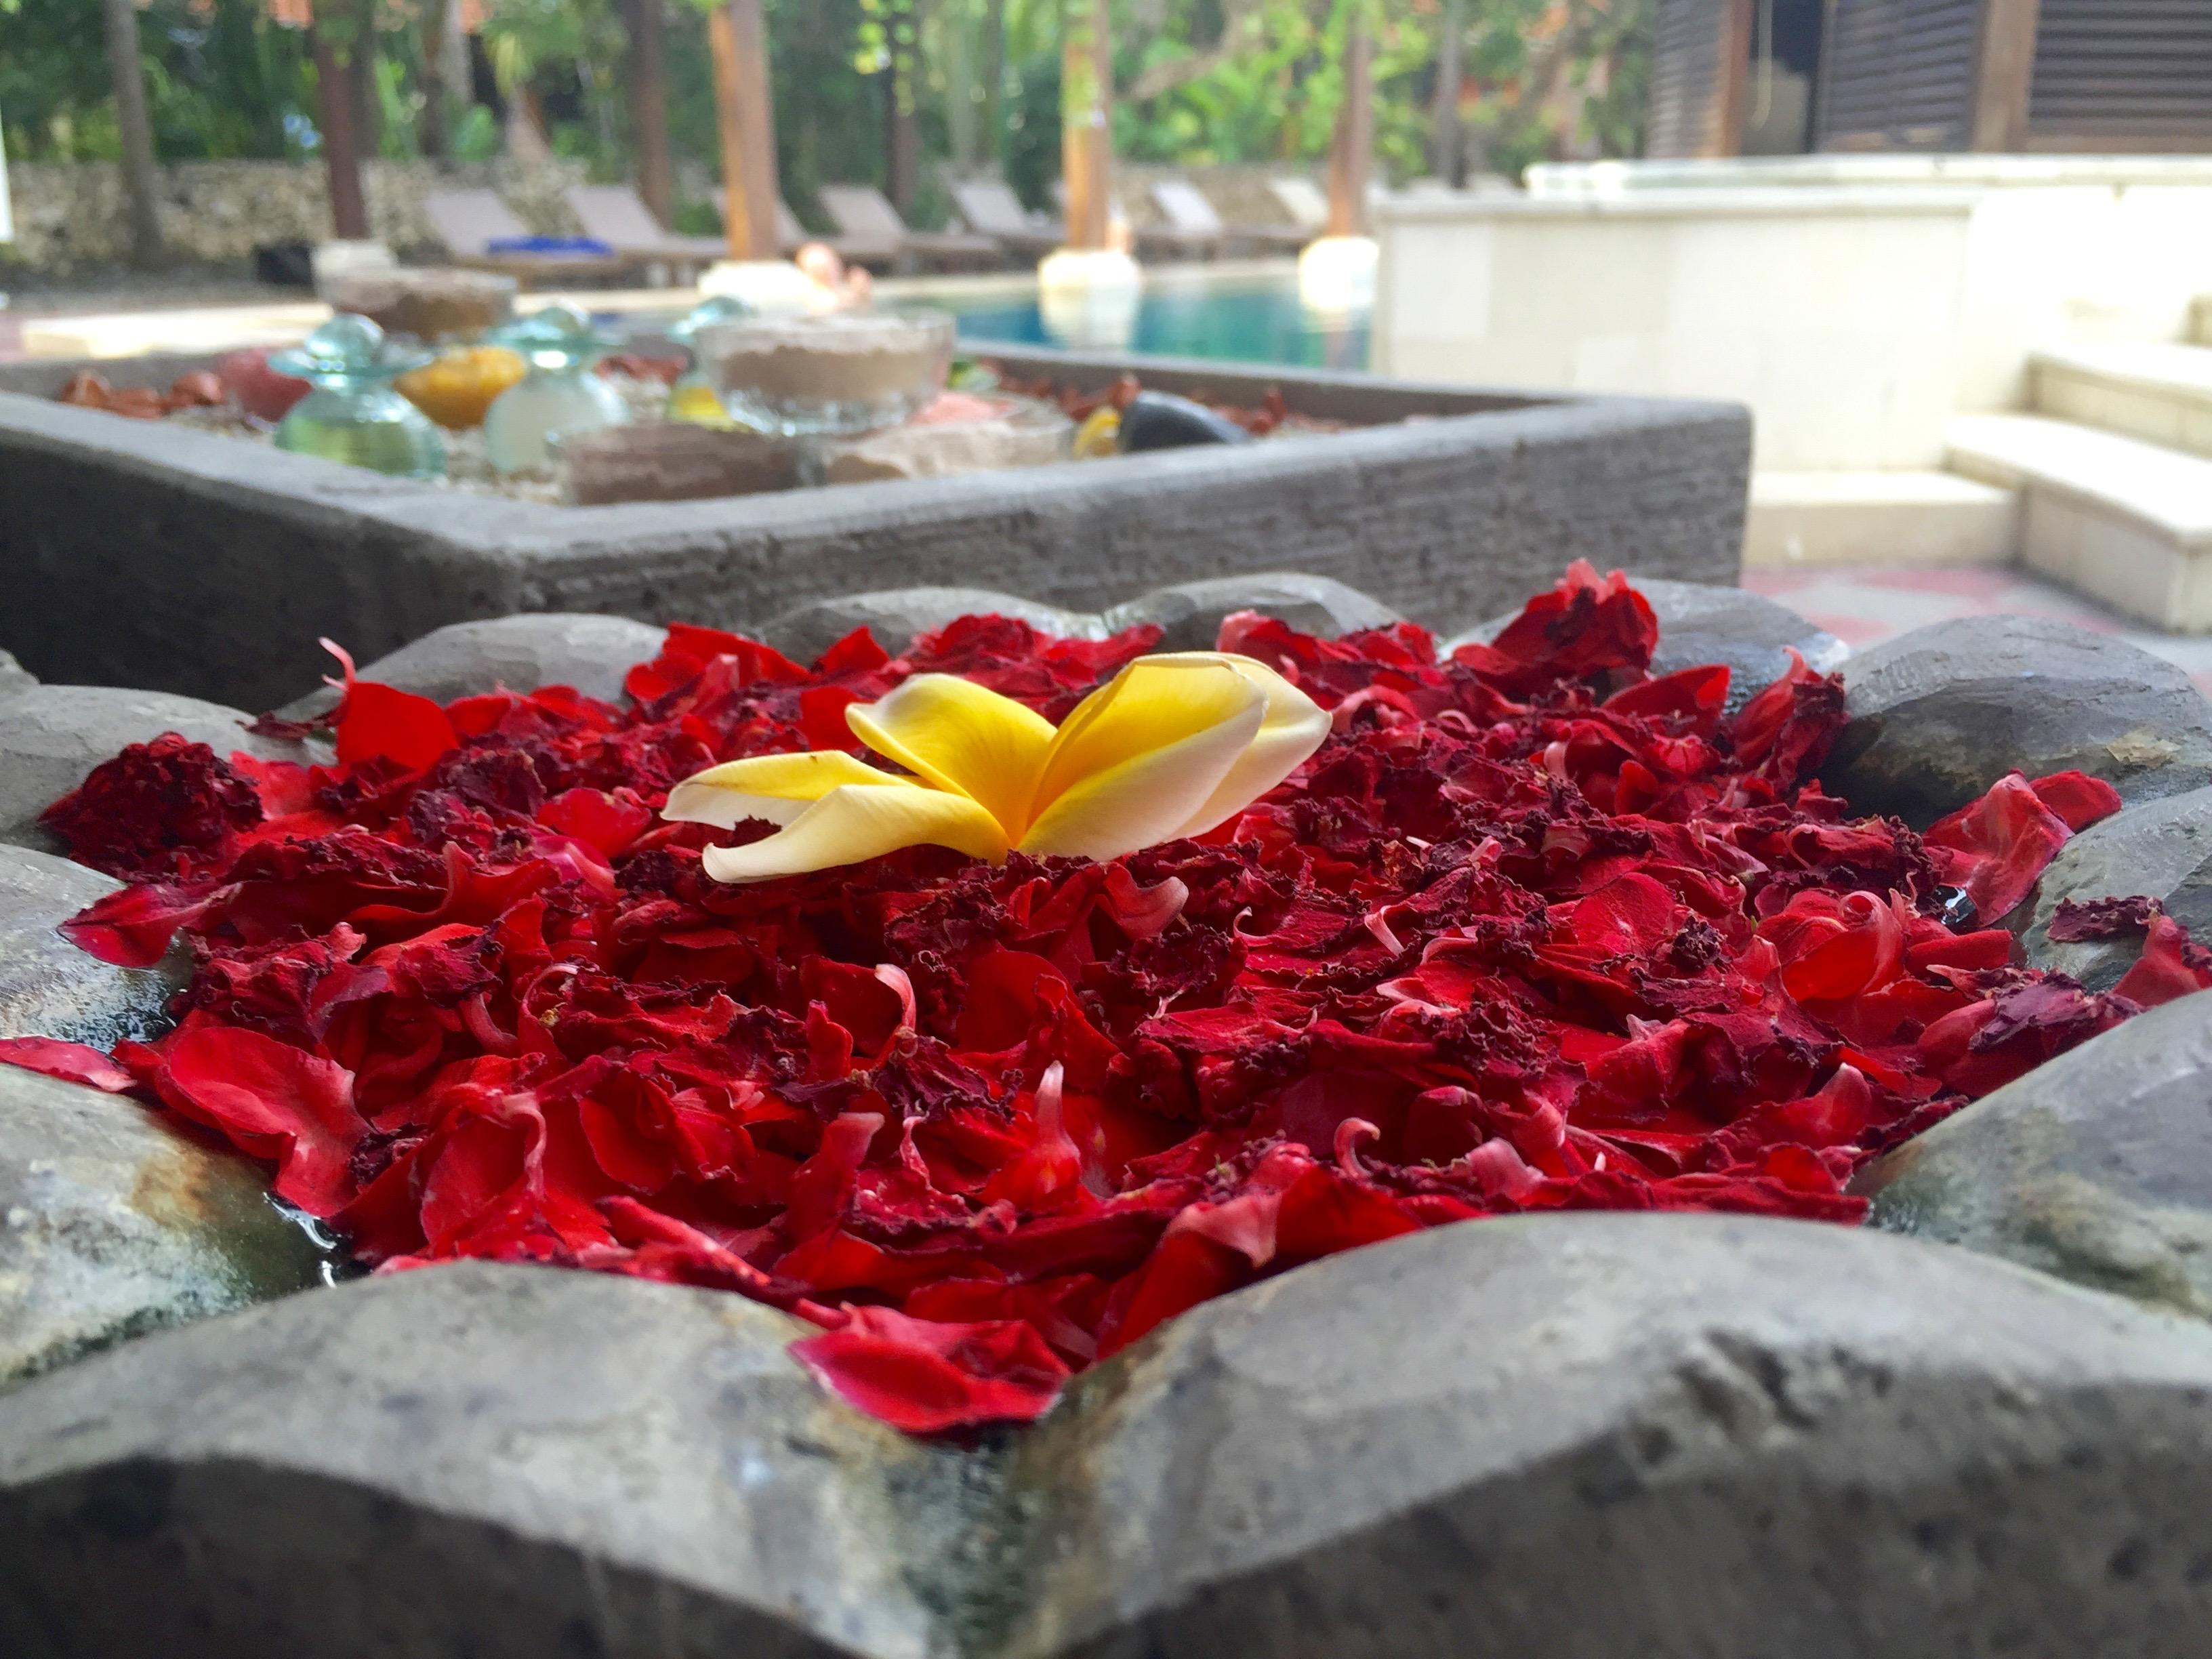 Friske blomster med deilige dufter. Den hvite og gule frangipaniblomsten som ligger oppå de røde bladene er min favoritt.